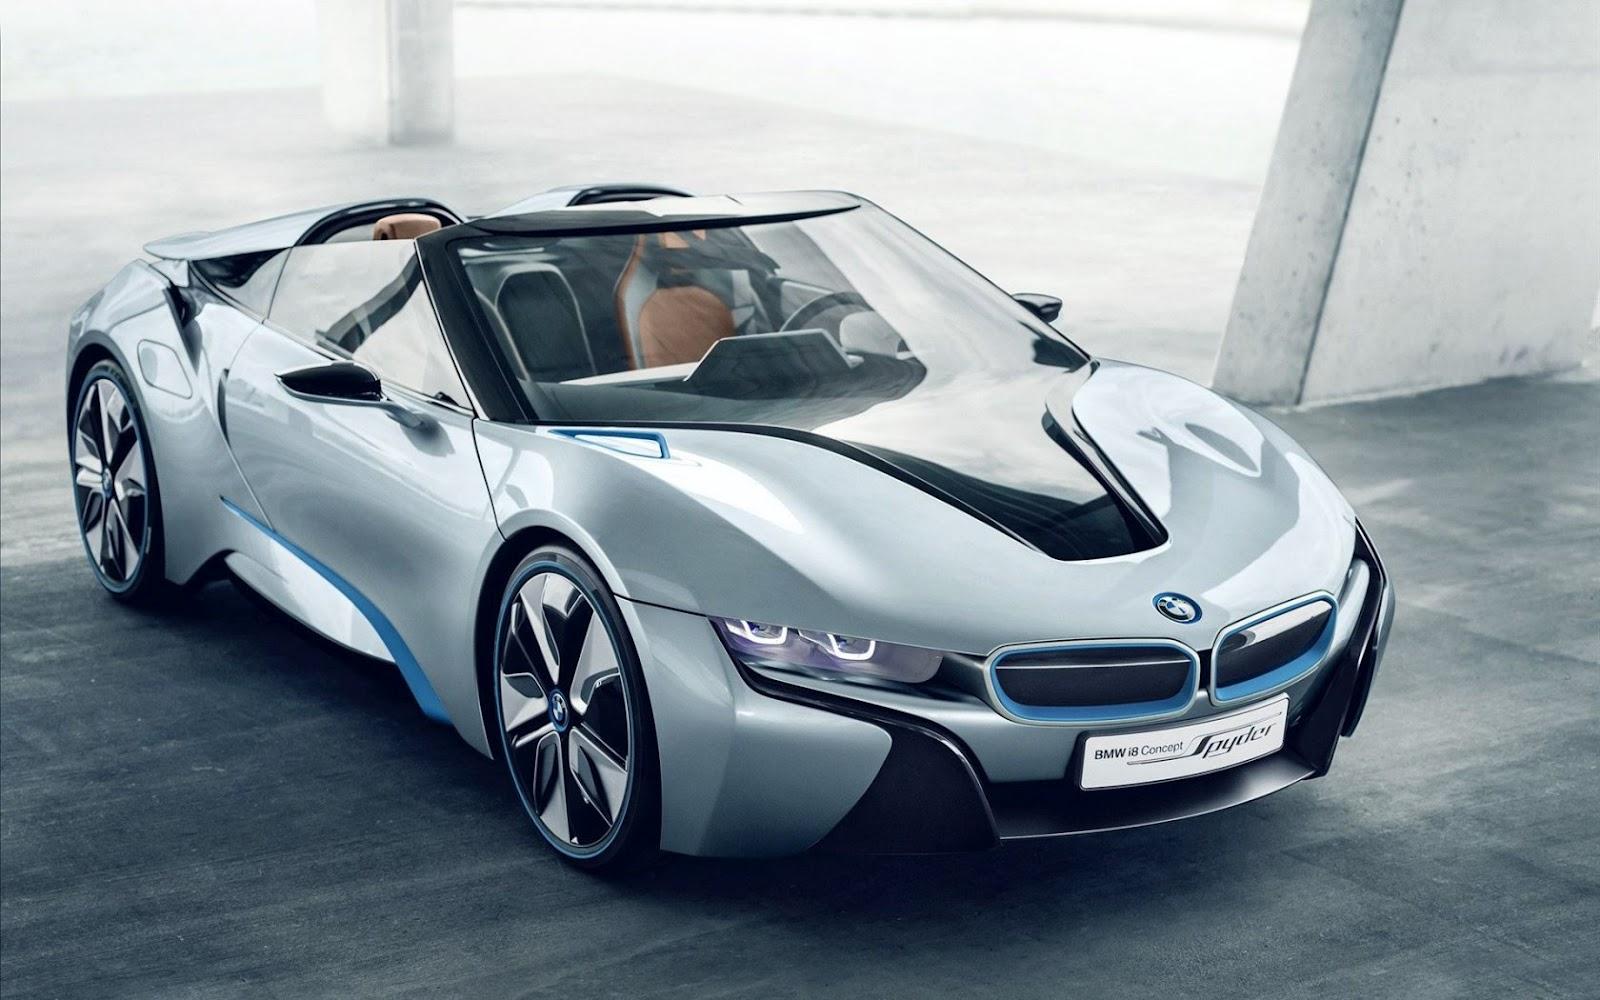 http://1.bp.blogspot.com/-QrzPbKvpuxs/T80KJZAHVaI/AAAAAAAAB9c/1Eth712bYa4/s1600/BMW_i8_Spider_Concept_Car_HD_Desktop_Wallpaper.jpg